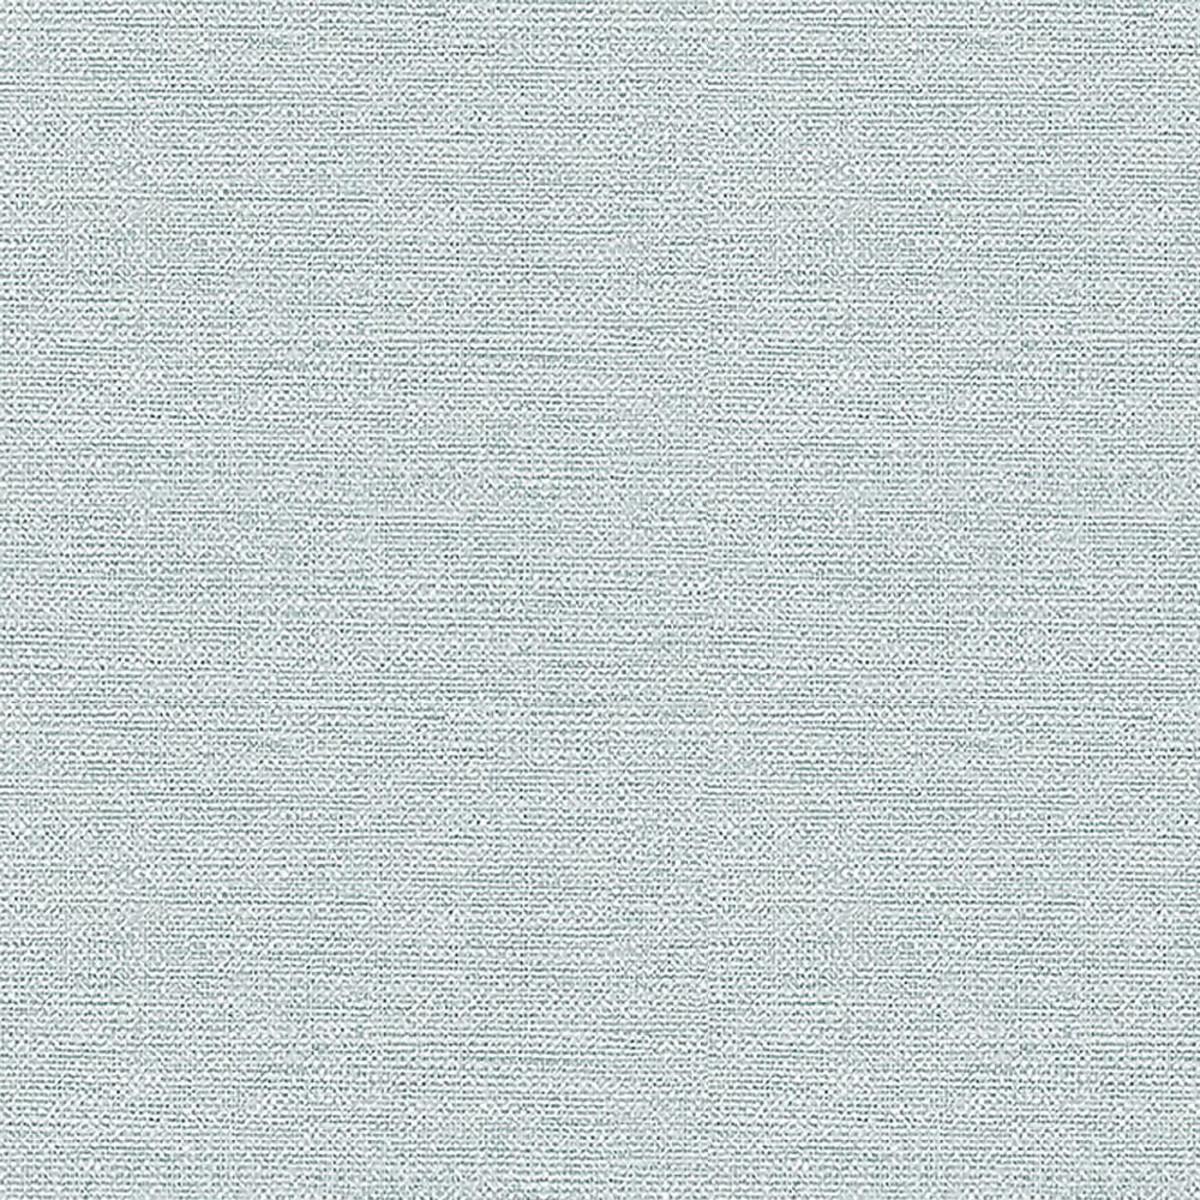 Обои виниловые Gaenari синие 1.06 м 87357-6